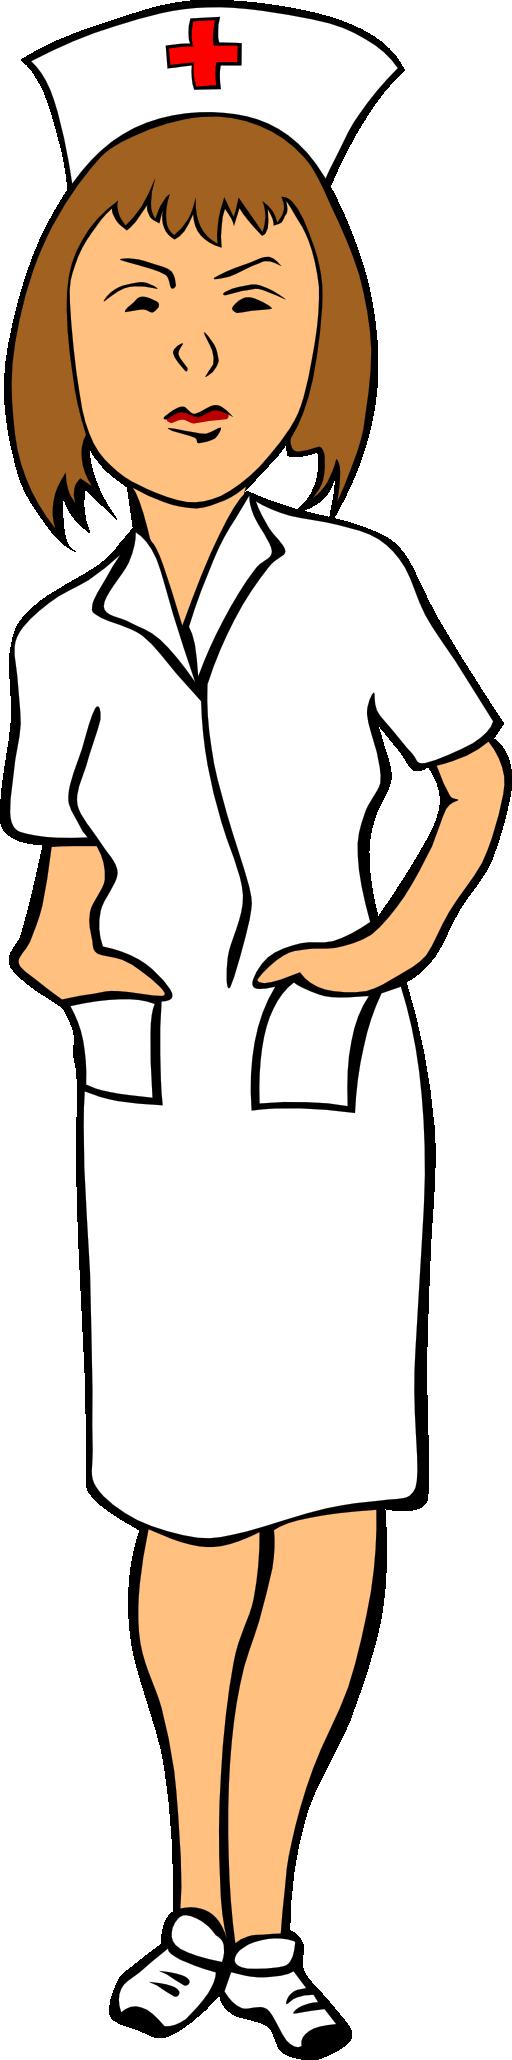 Woman Nurse Clipart | Clipart Panda - Free Clipart Images